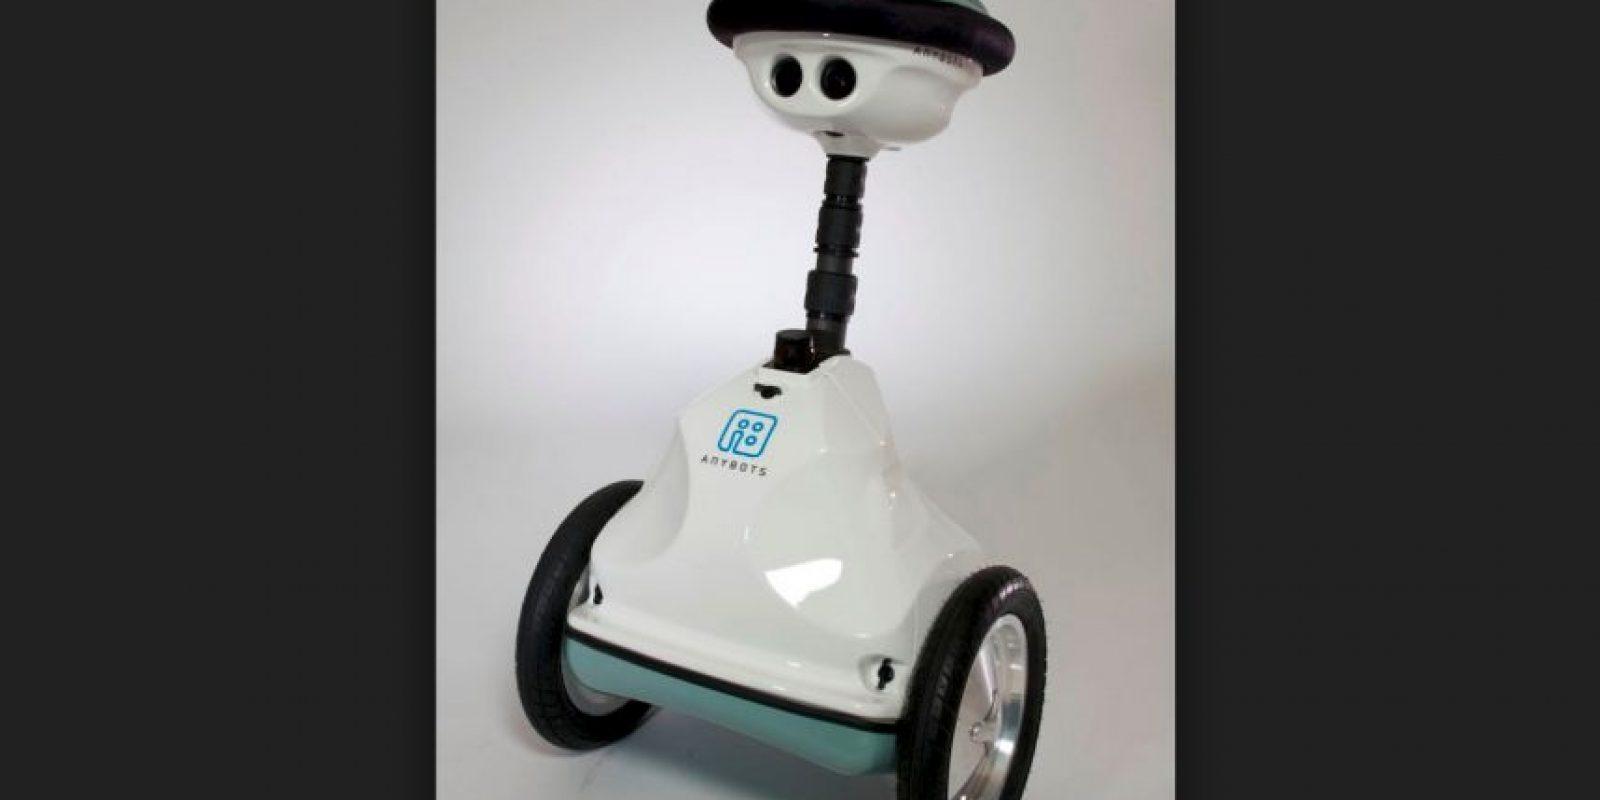 Anybots permite el movimiento controlado por un mando a distancia. Foto:Anybots Inc